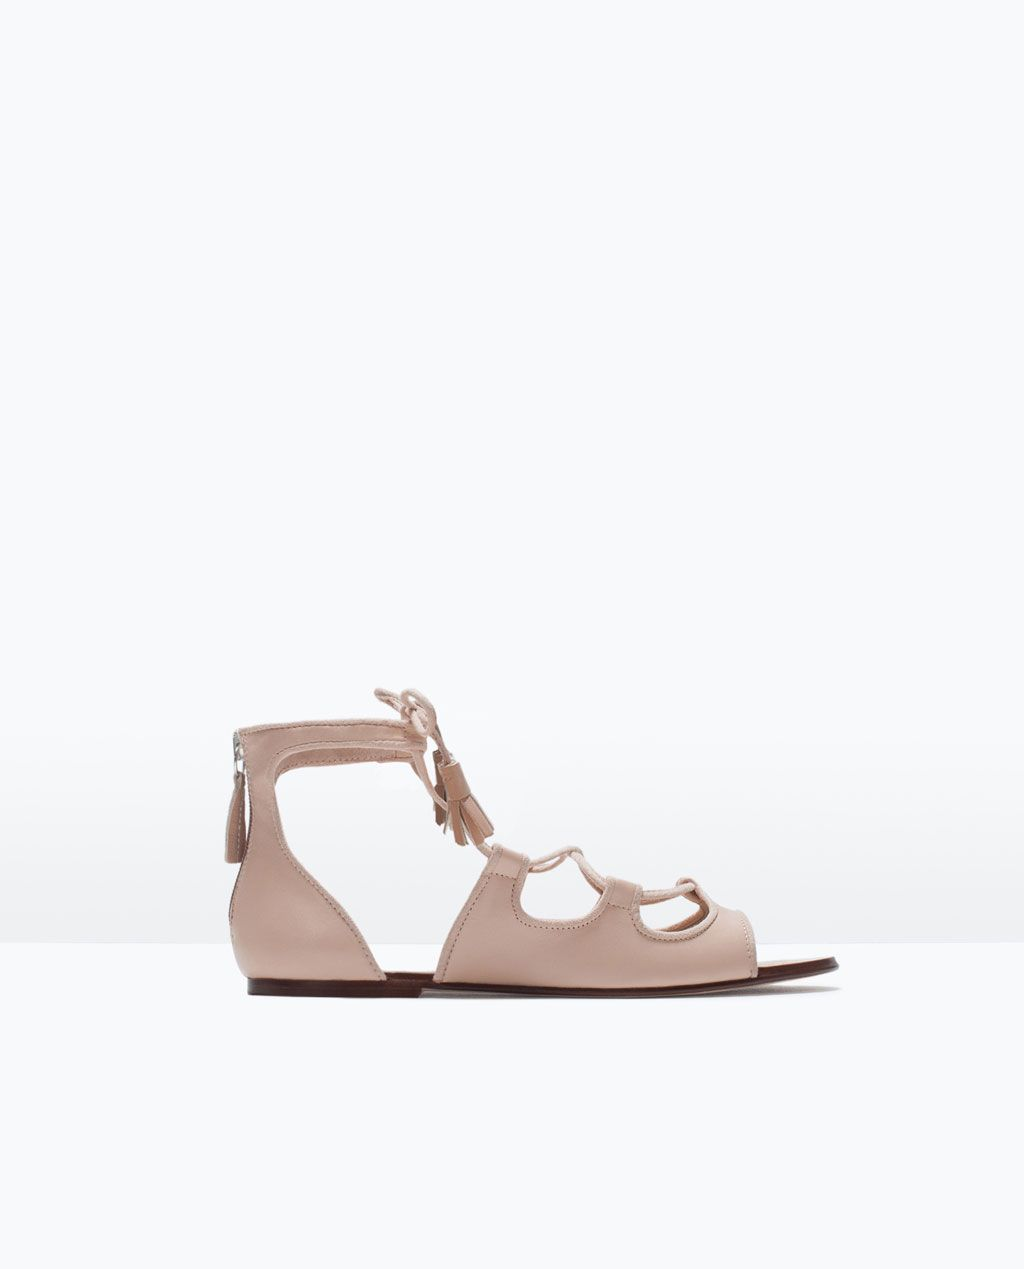 Bags Romana Shoesamp; Sandalia Zara PielSandalias dCoerBxW